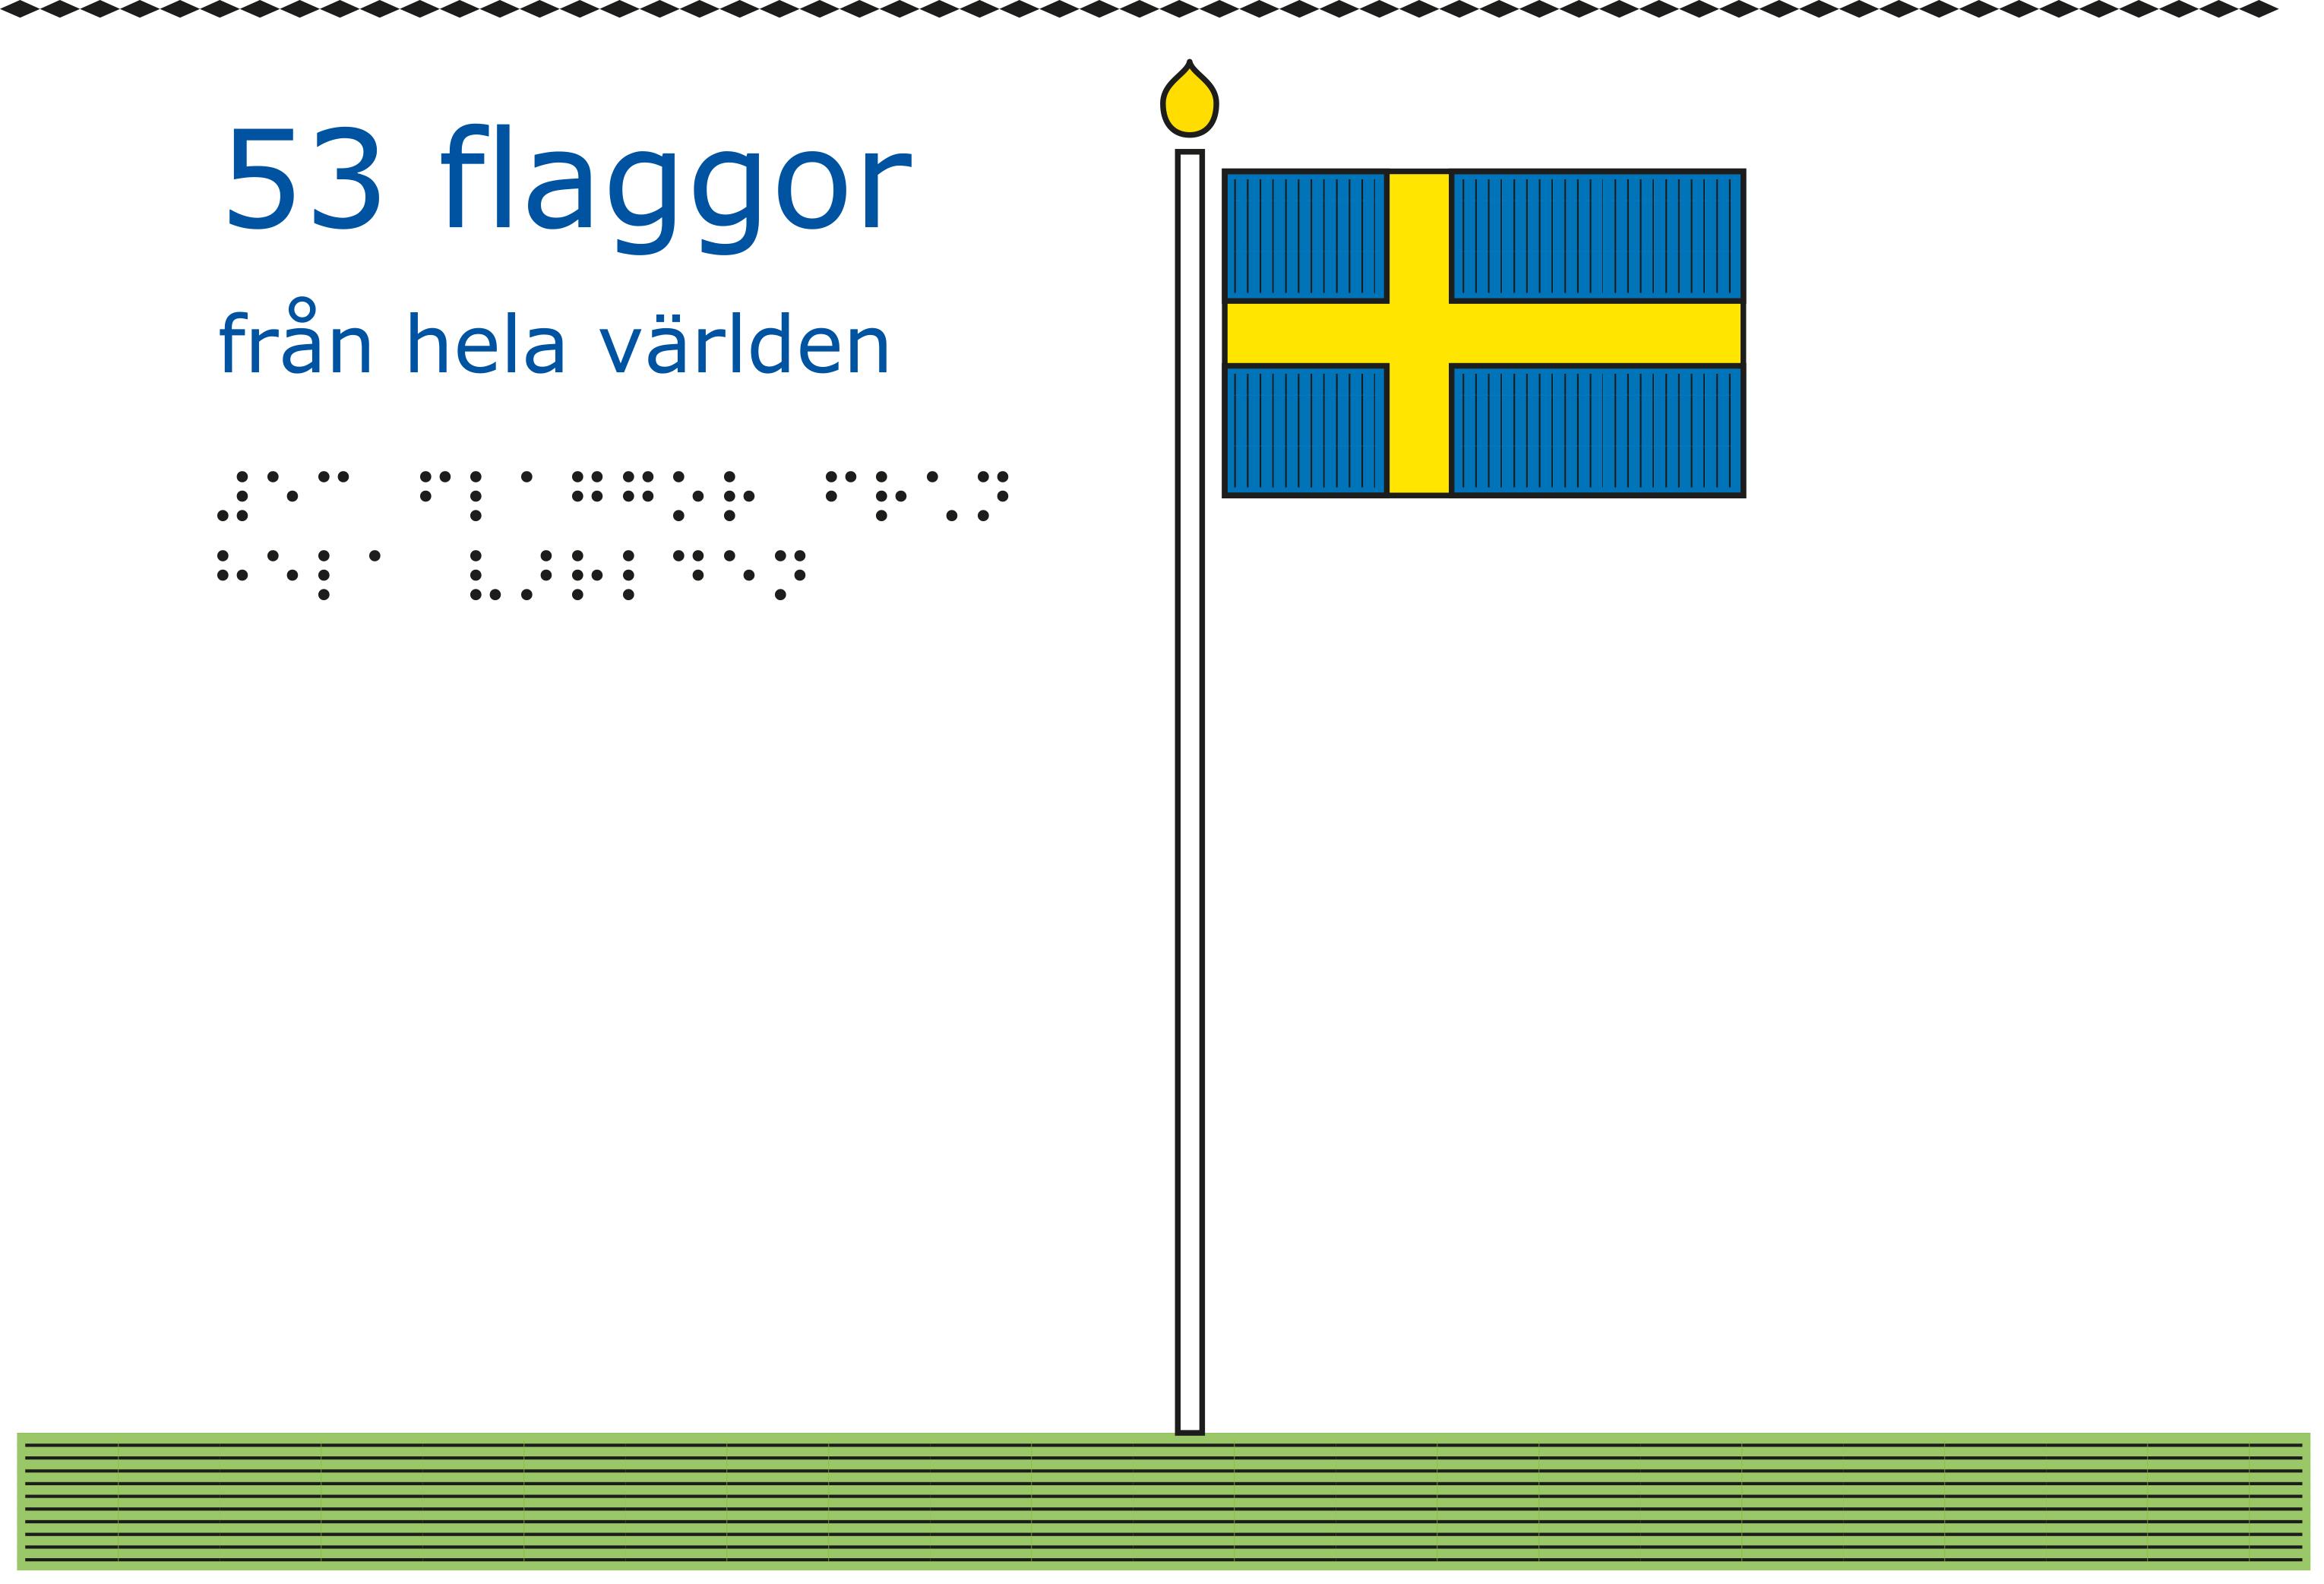 Flagga uppsatt i en flaggstång.